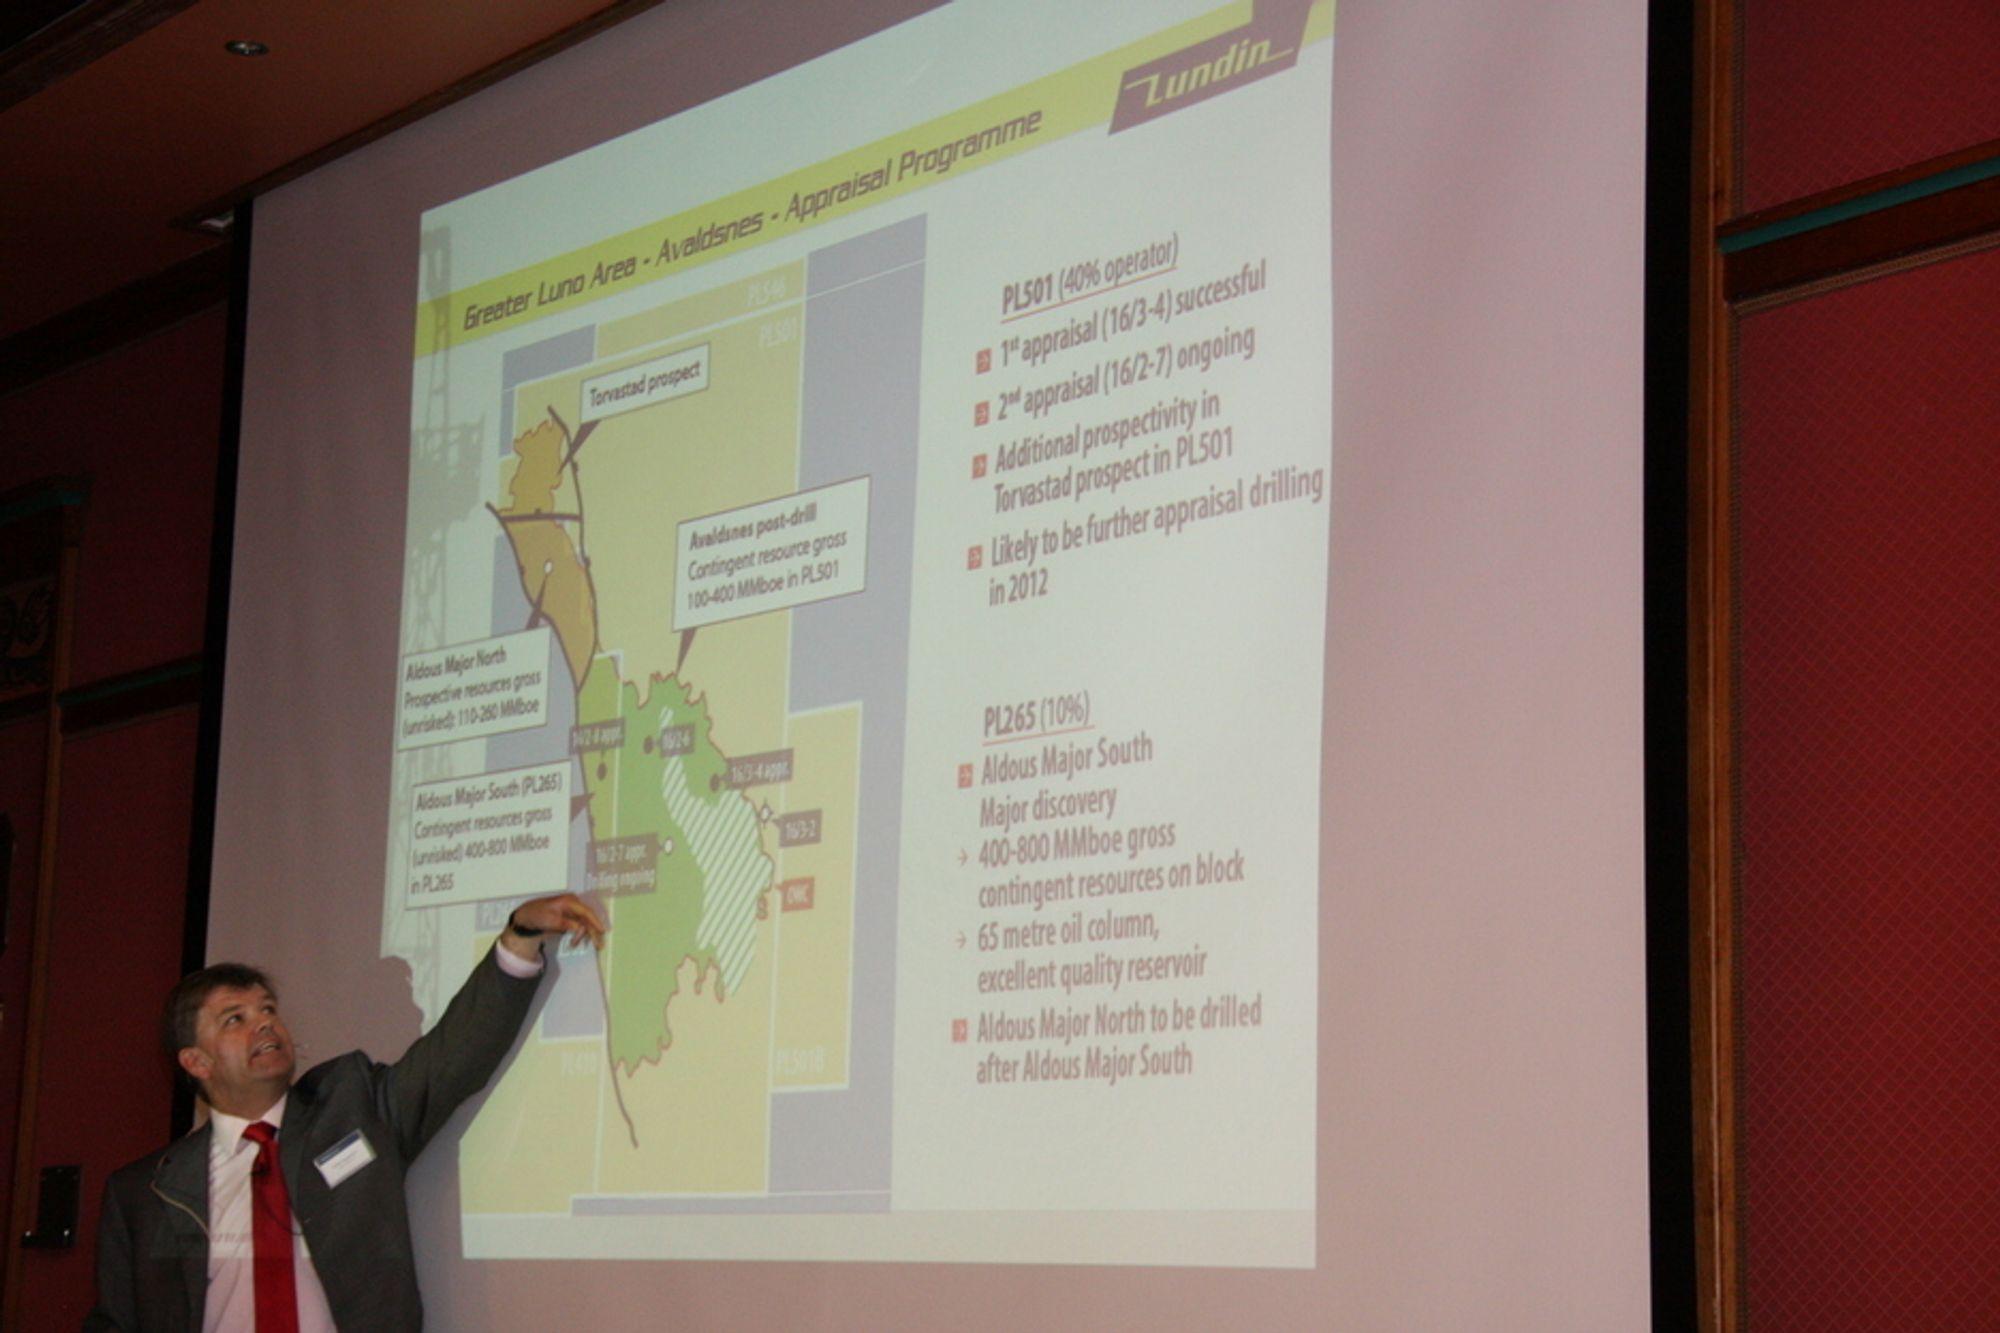 Ashley Heppenstall i Lundin viser selskapets andeler rundt Avaldsnes/Aldous Major-funnet.